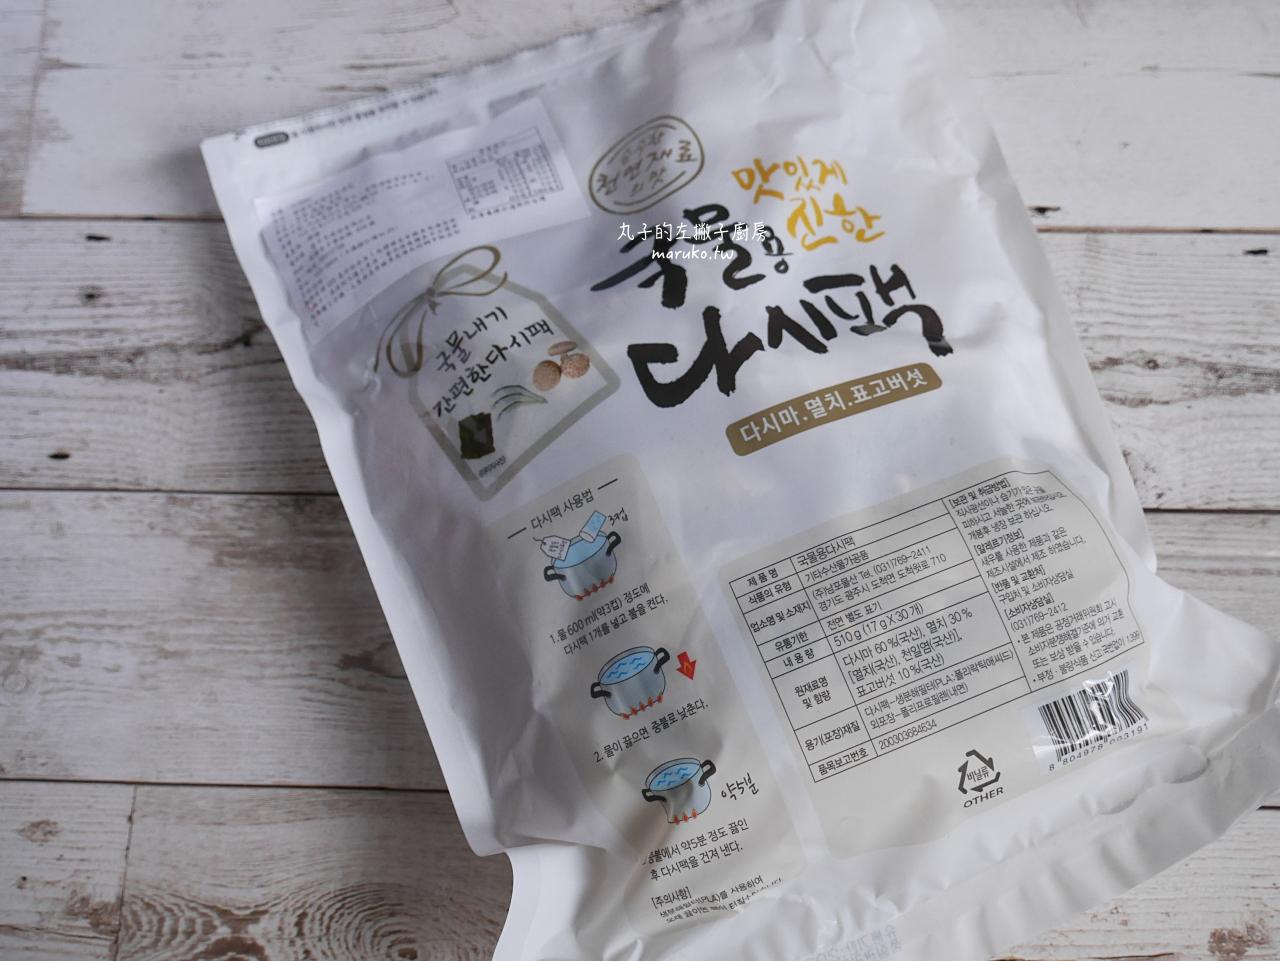 【食譜】韓國魚板湯 韓國昆布鯷魚高湯包高湯做法 好市多好物推薦 @Maruko與美食有個約會